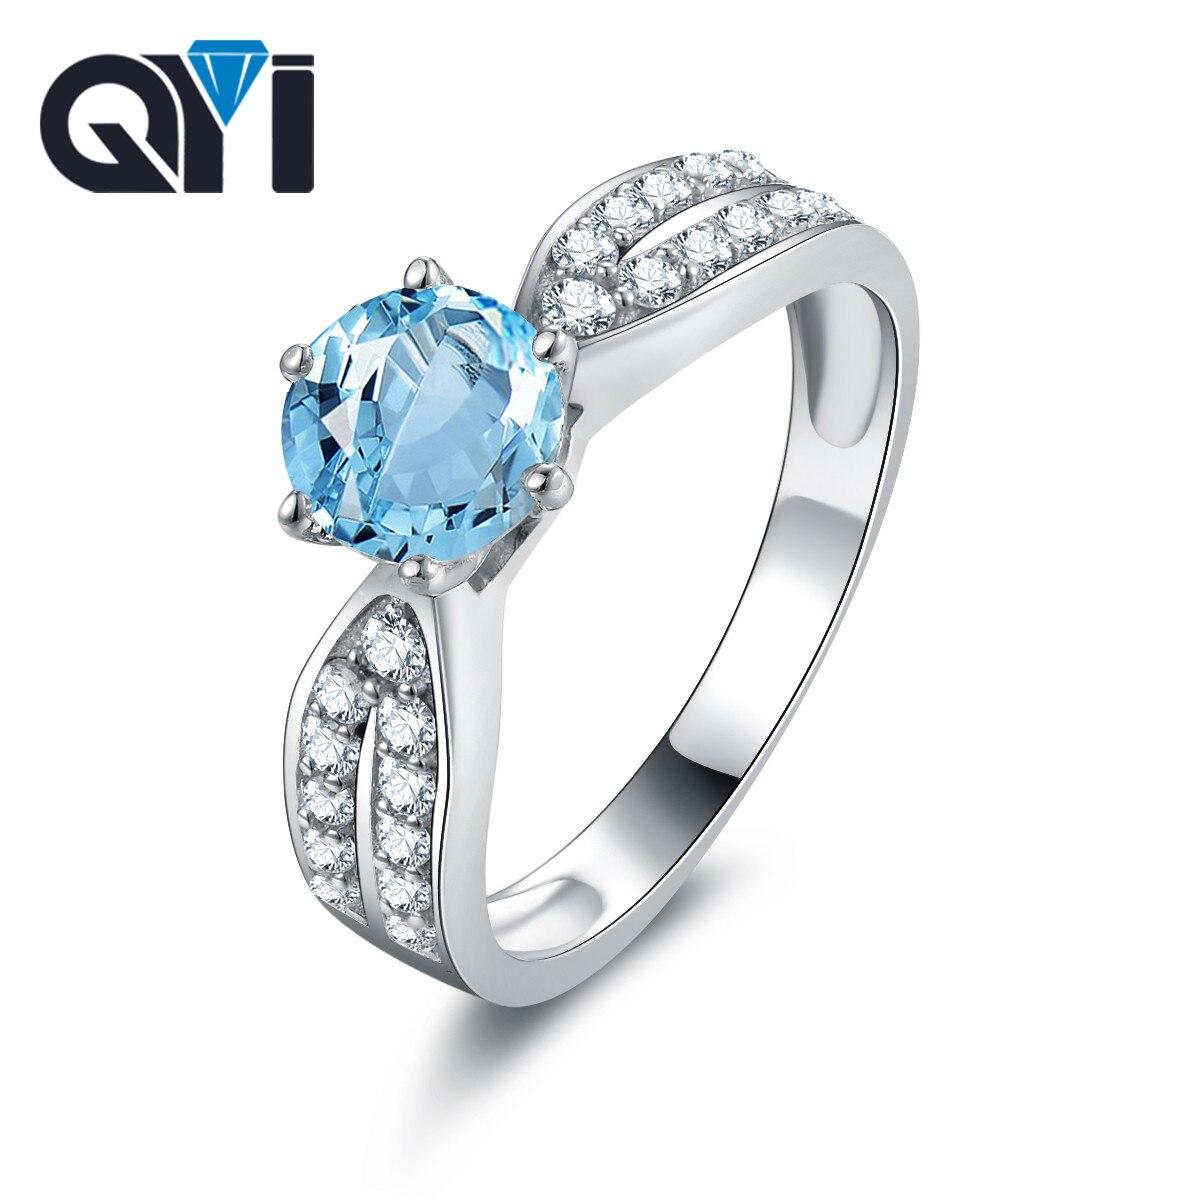 QYI véritable 925 argent Sterling 1.25ct naturel bleu ciel topaze bague de fiançailles femmes de mariage pierres de couleur bijoux